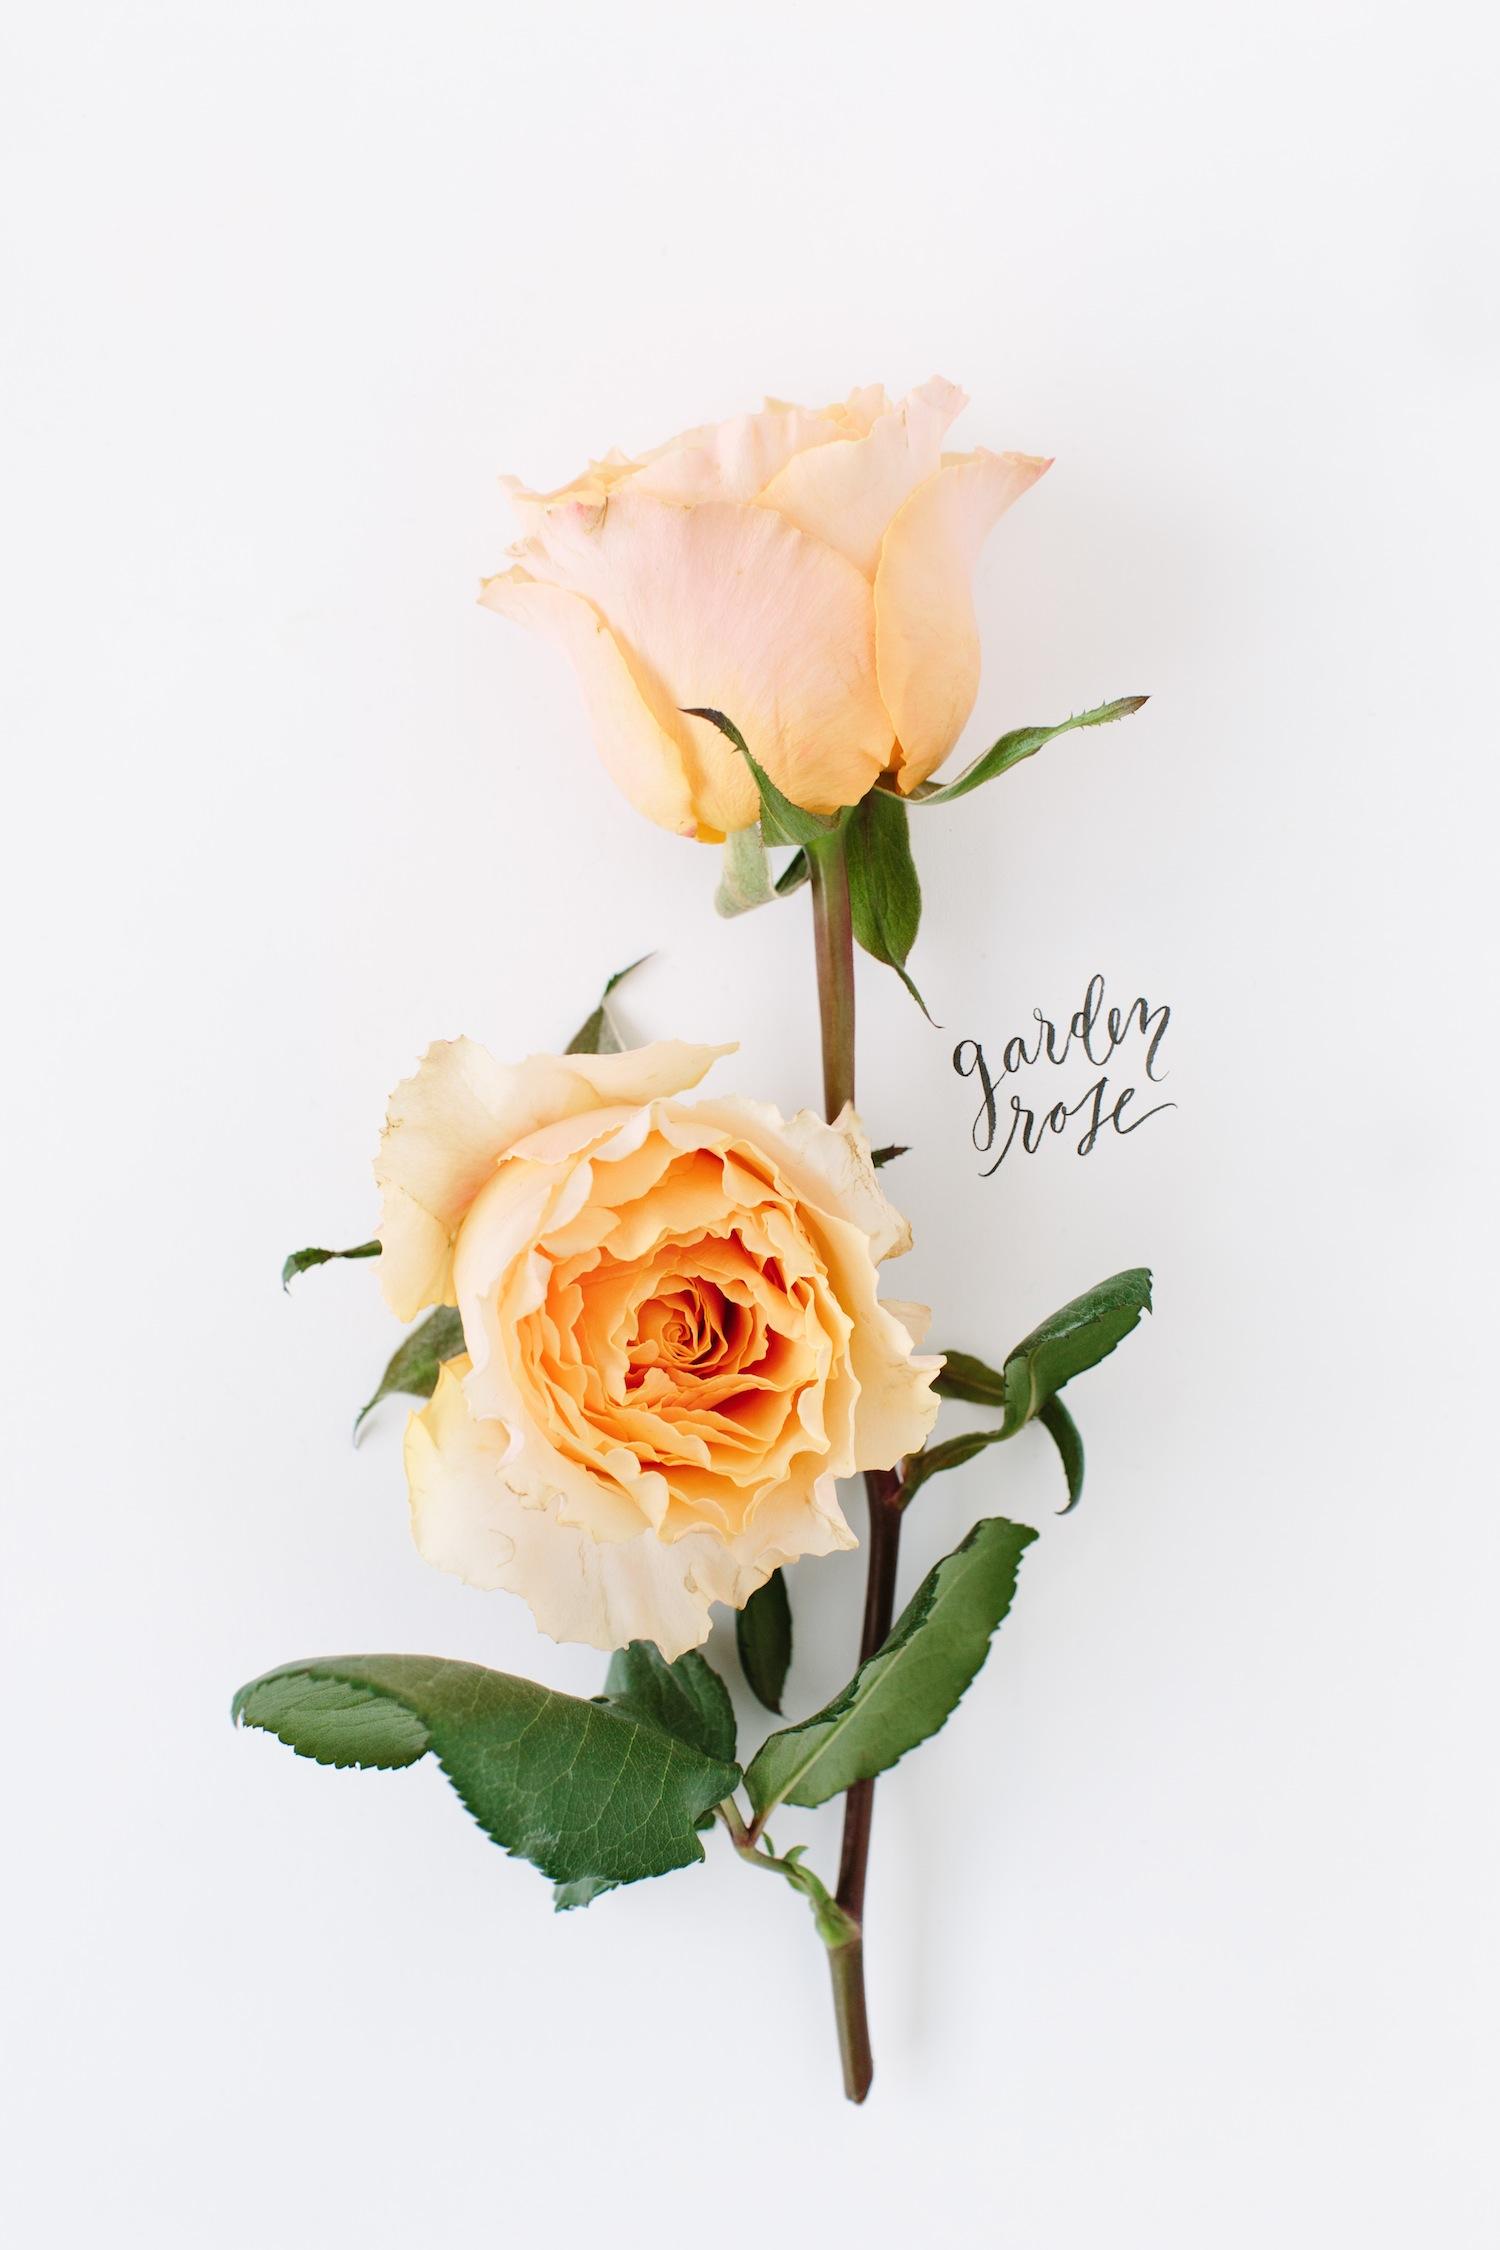 flowers-in-bloom-in-january-4